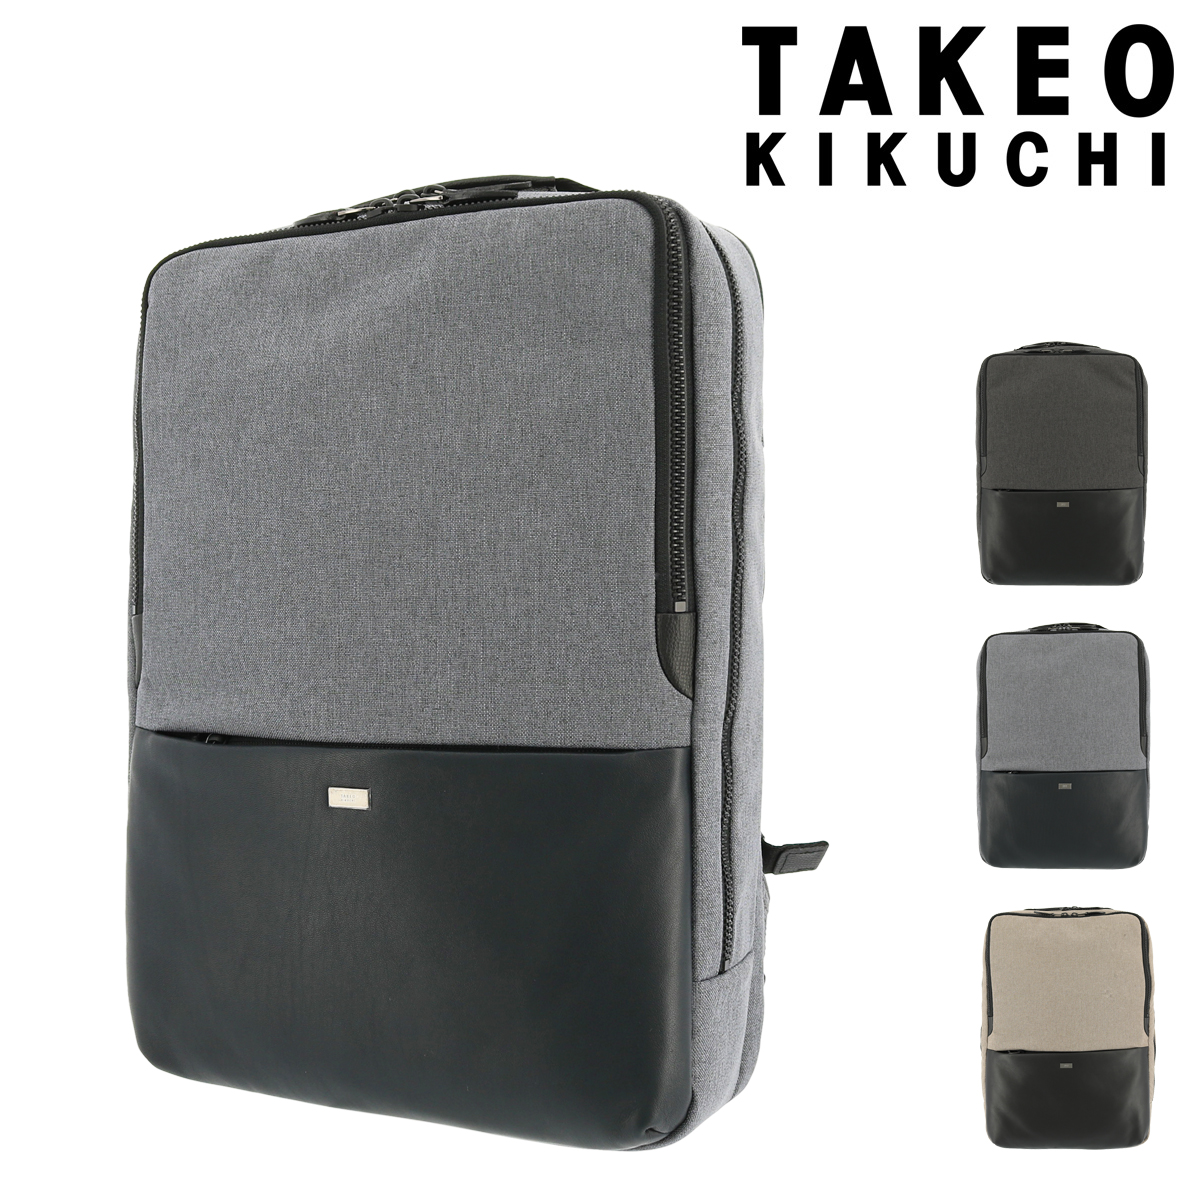 タケオキクチ リュック オーランド メンズ753712 TAKEO KIKUCHI | リュックサック バックパック スクエア 軽量 ビジネスリュック 本革 レザー [PO5][bef]